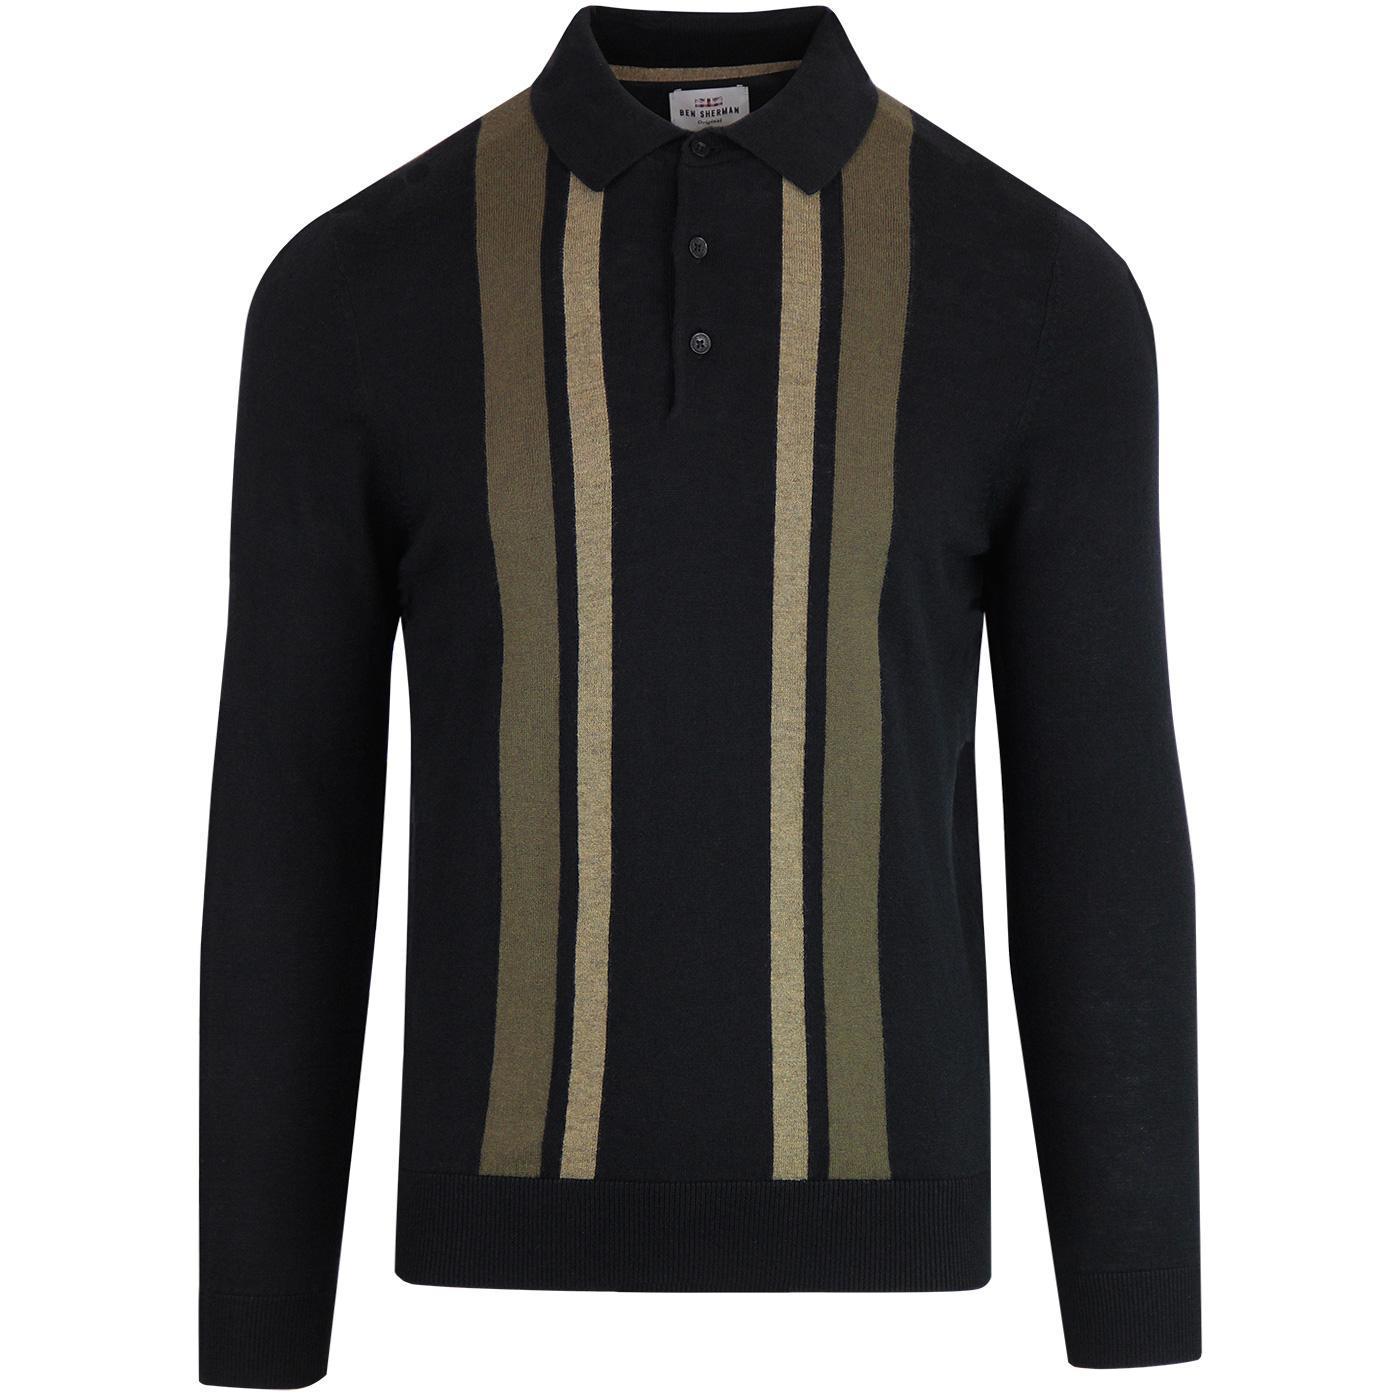 BEN SHERMAN 60's Block Stripe Knitted Mod Polo (B)